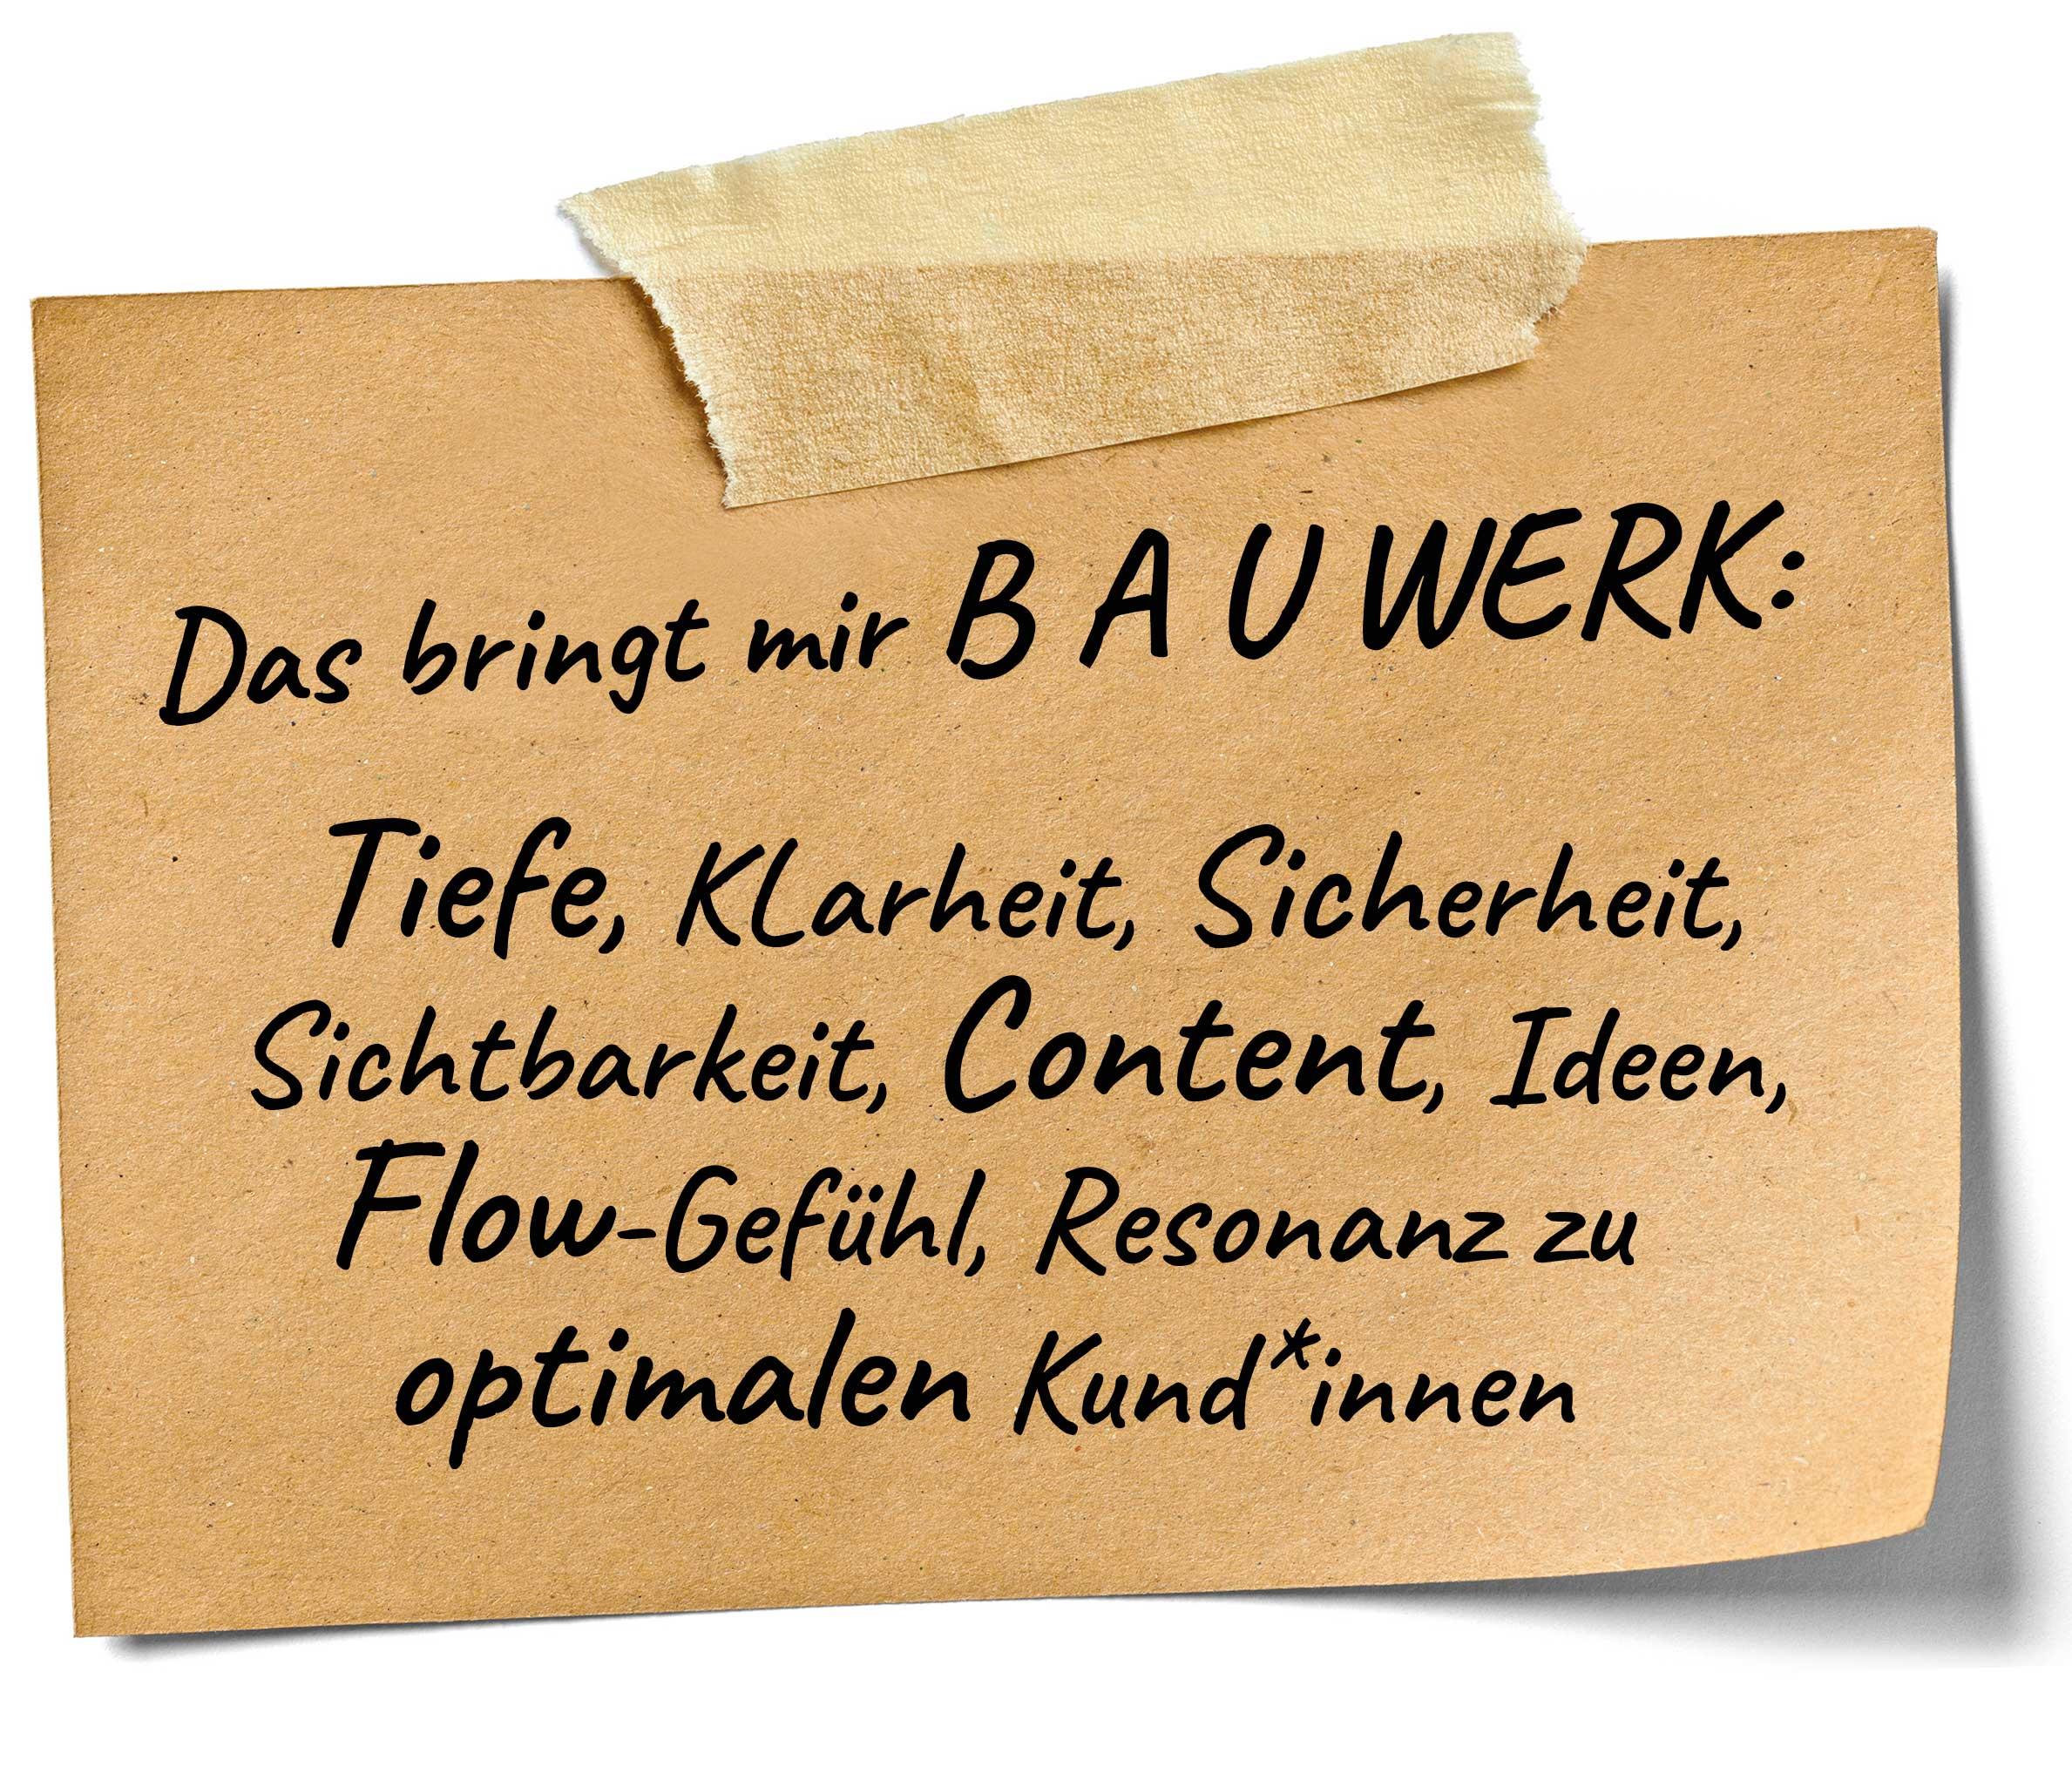 Notizzettel mit Nutzen und Mehrwert von BAUWERK